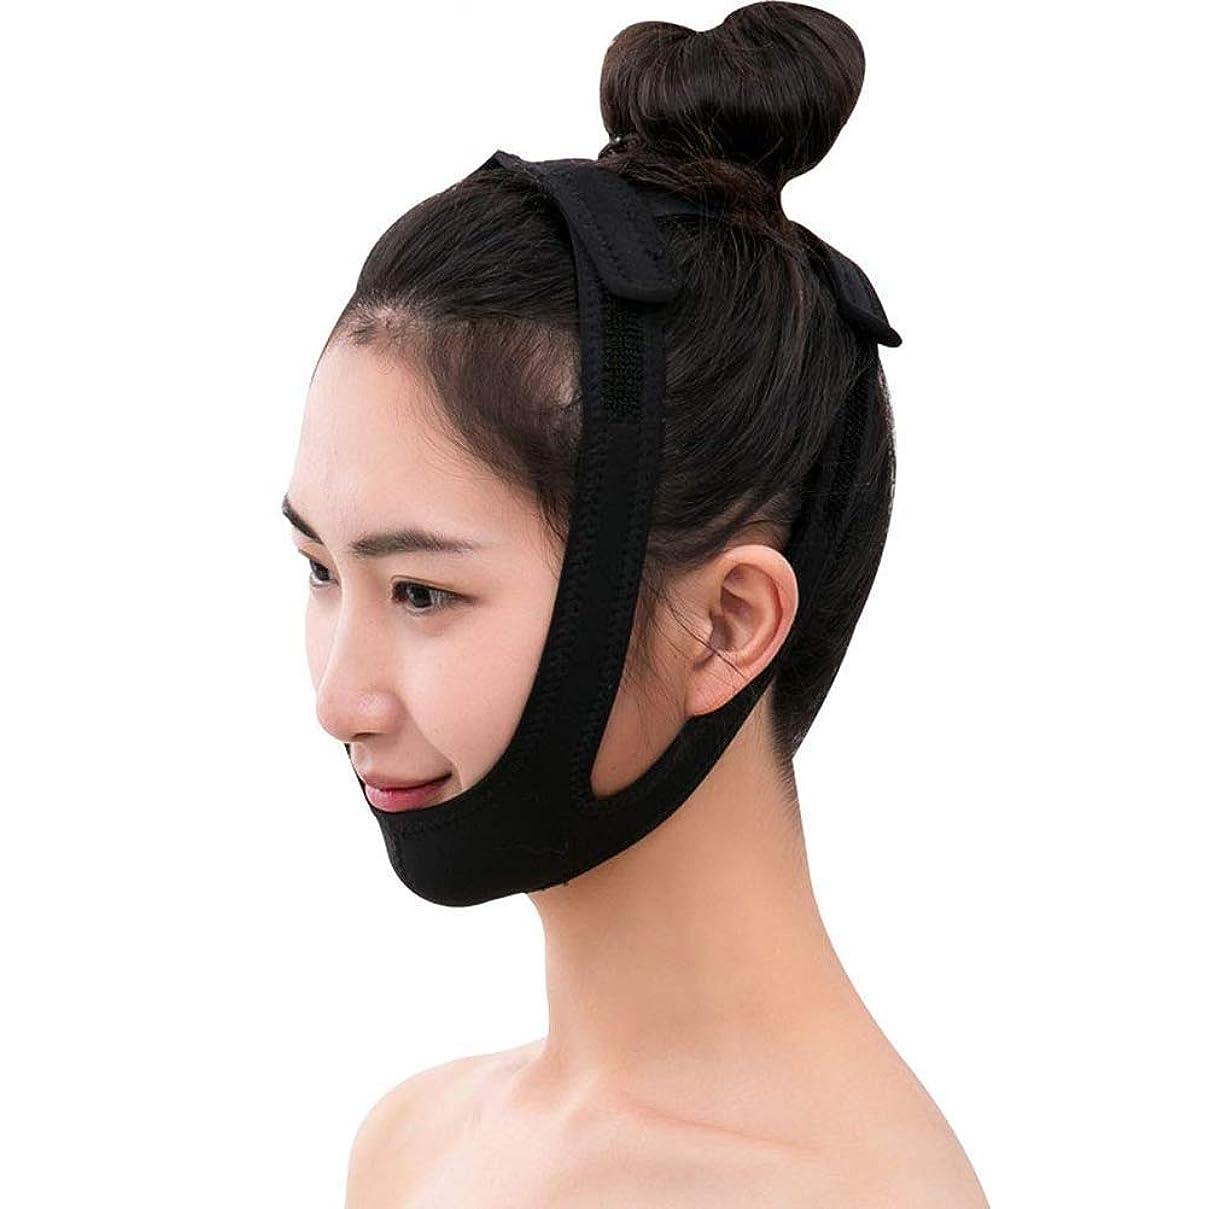 割り当てる責任妨げるフェイスリフティングマスク、フェイスリフティング包帯V字型マスク/整形およびリフト/二重あごベルト/美容マスクフェイスリフト/縮小二重あご包帯/顔面矯正ベルト